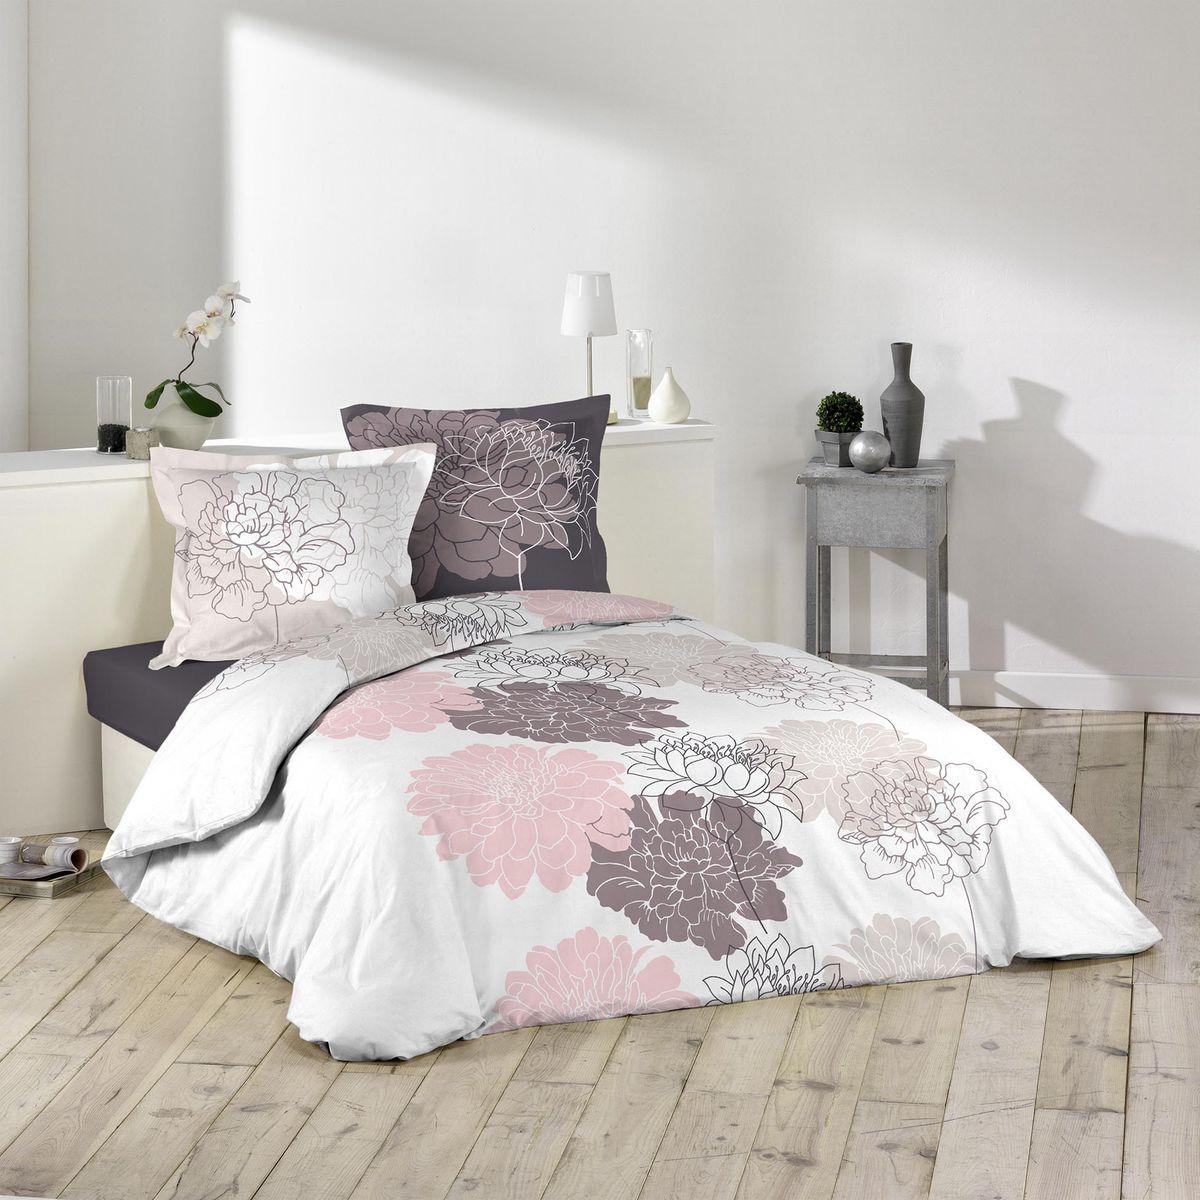 douceur parure de lit flavy 240x220 dintrieur. Black Bedroom Furniture Sets. Home Design Ideas